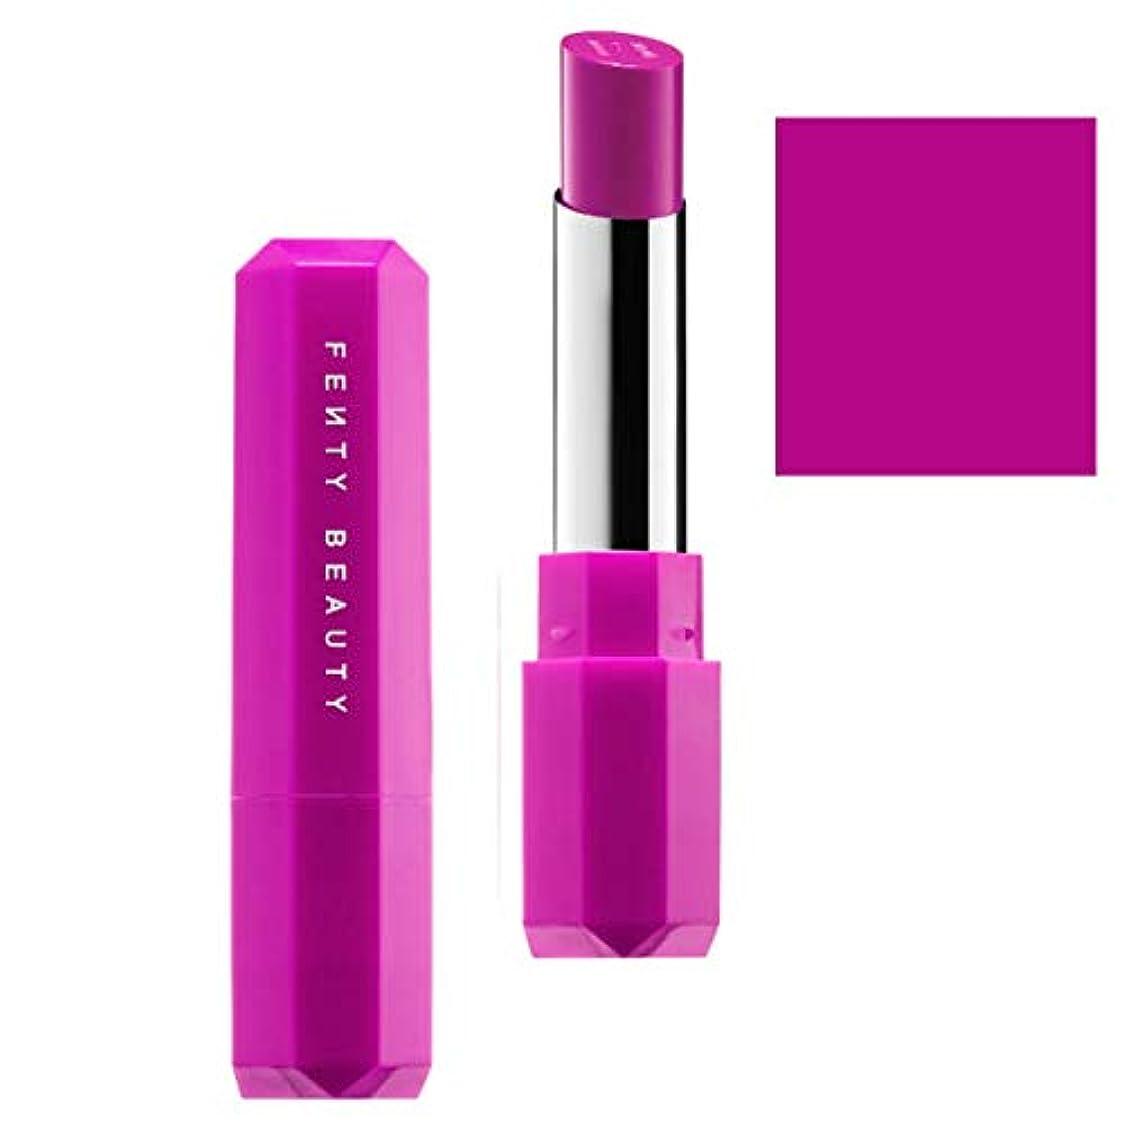 ずらす人物ゆりFENTY BEAUTY BY RIHANNA,New!!, 限定版 limited-edition, Poutsicle Juicy Satin Lipstick - Purpcicle [海外直送品] [並行輸入品]